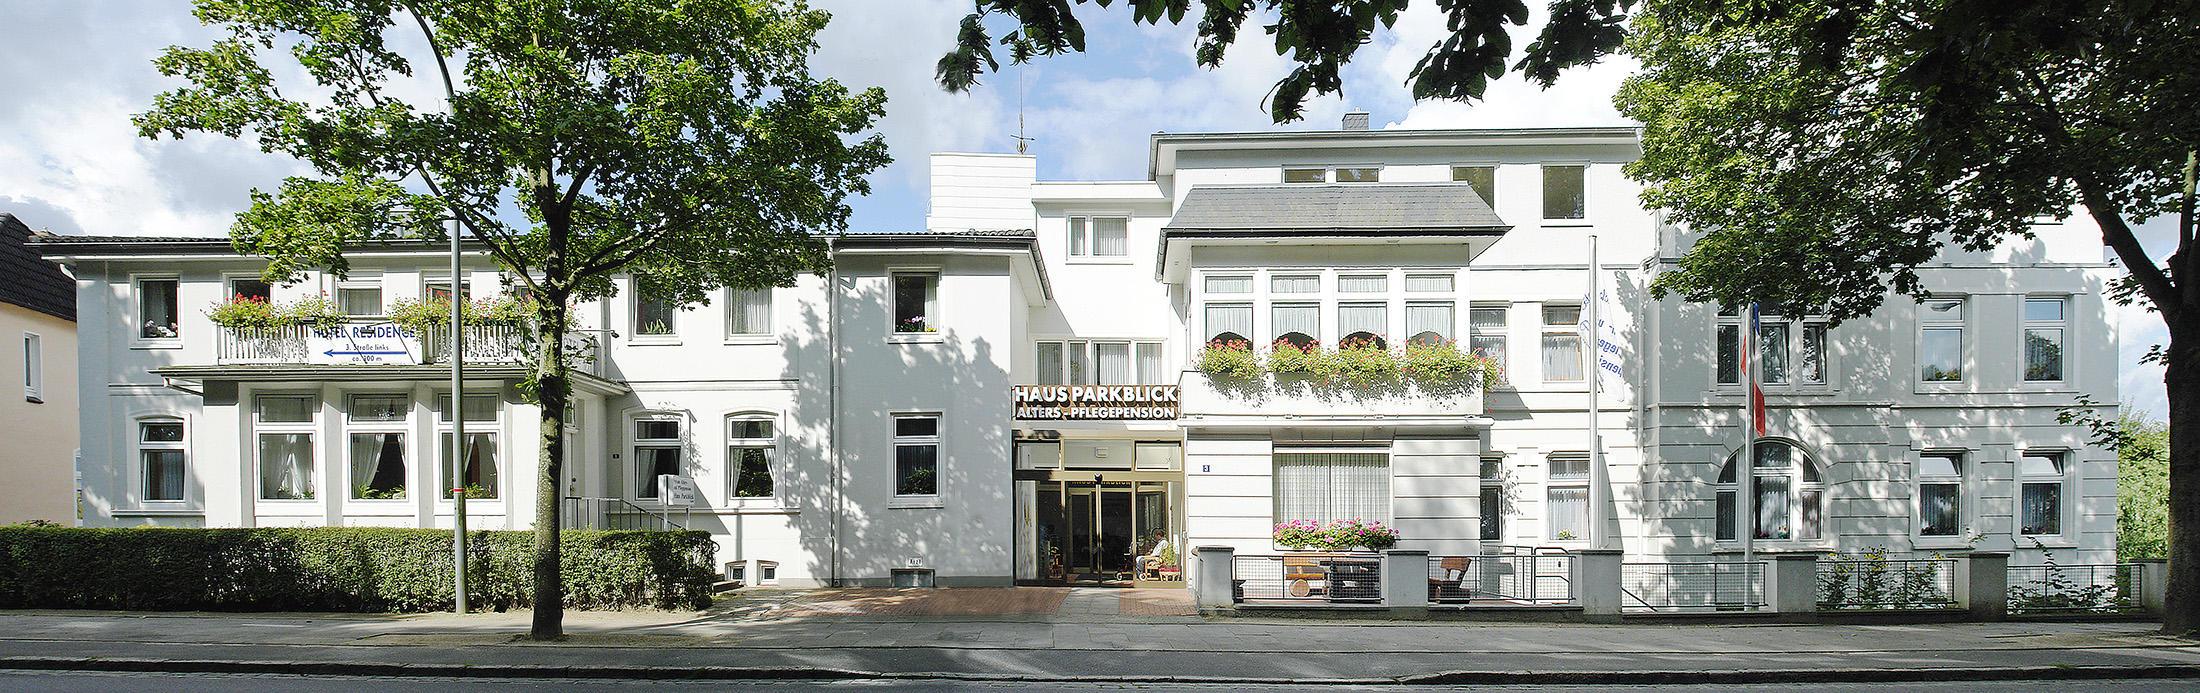 Private Alters- und Pflegepension Haus Parkblick GmbH